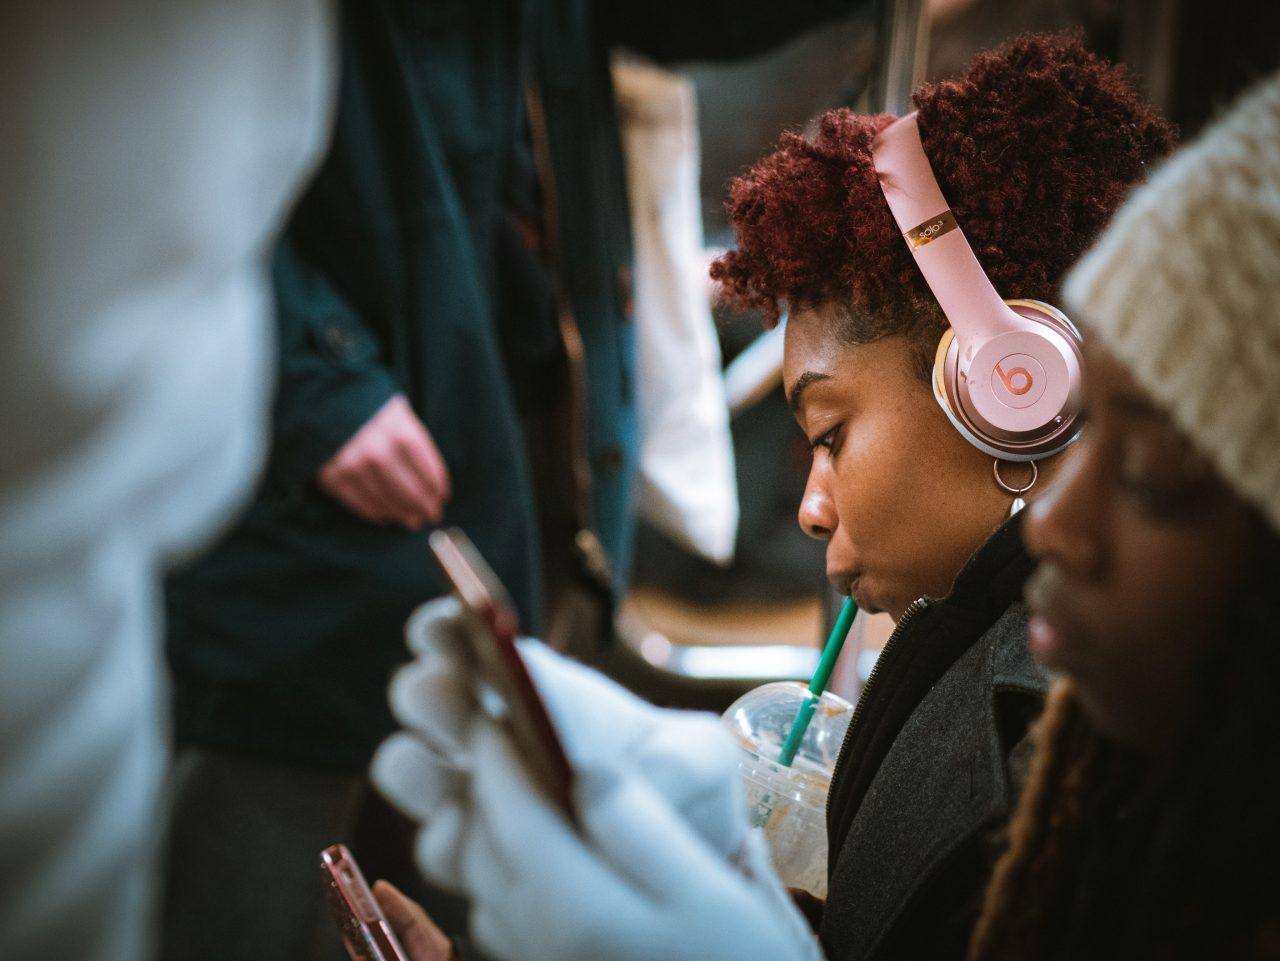 Une femme est assise dans les transports en commun et écoute avec un casque un livre audio tout en consultant son téléphone.